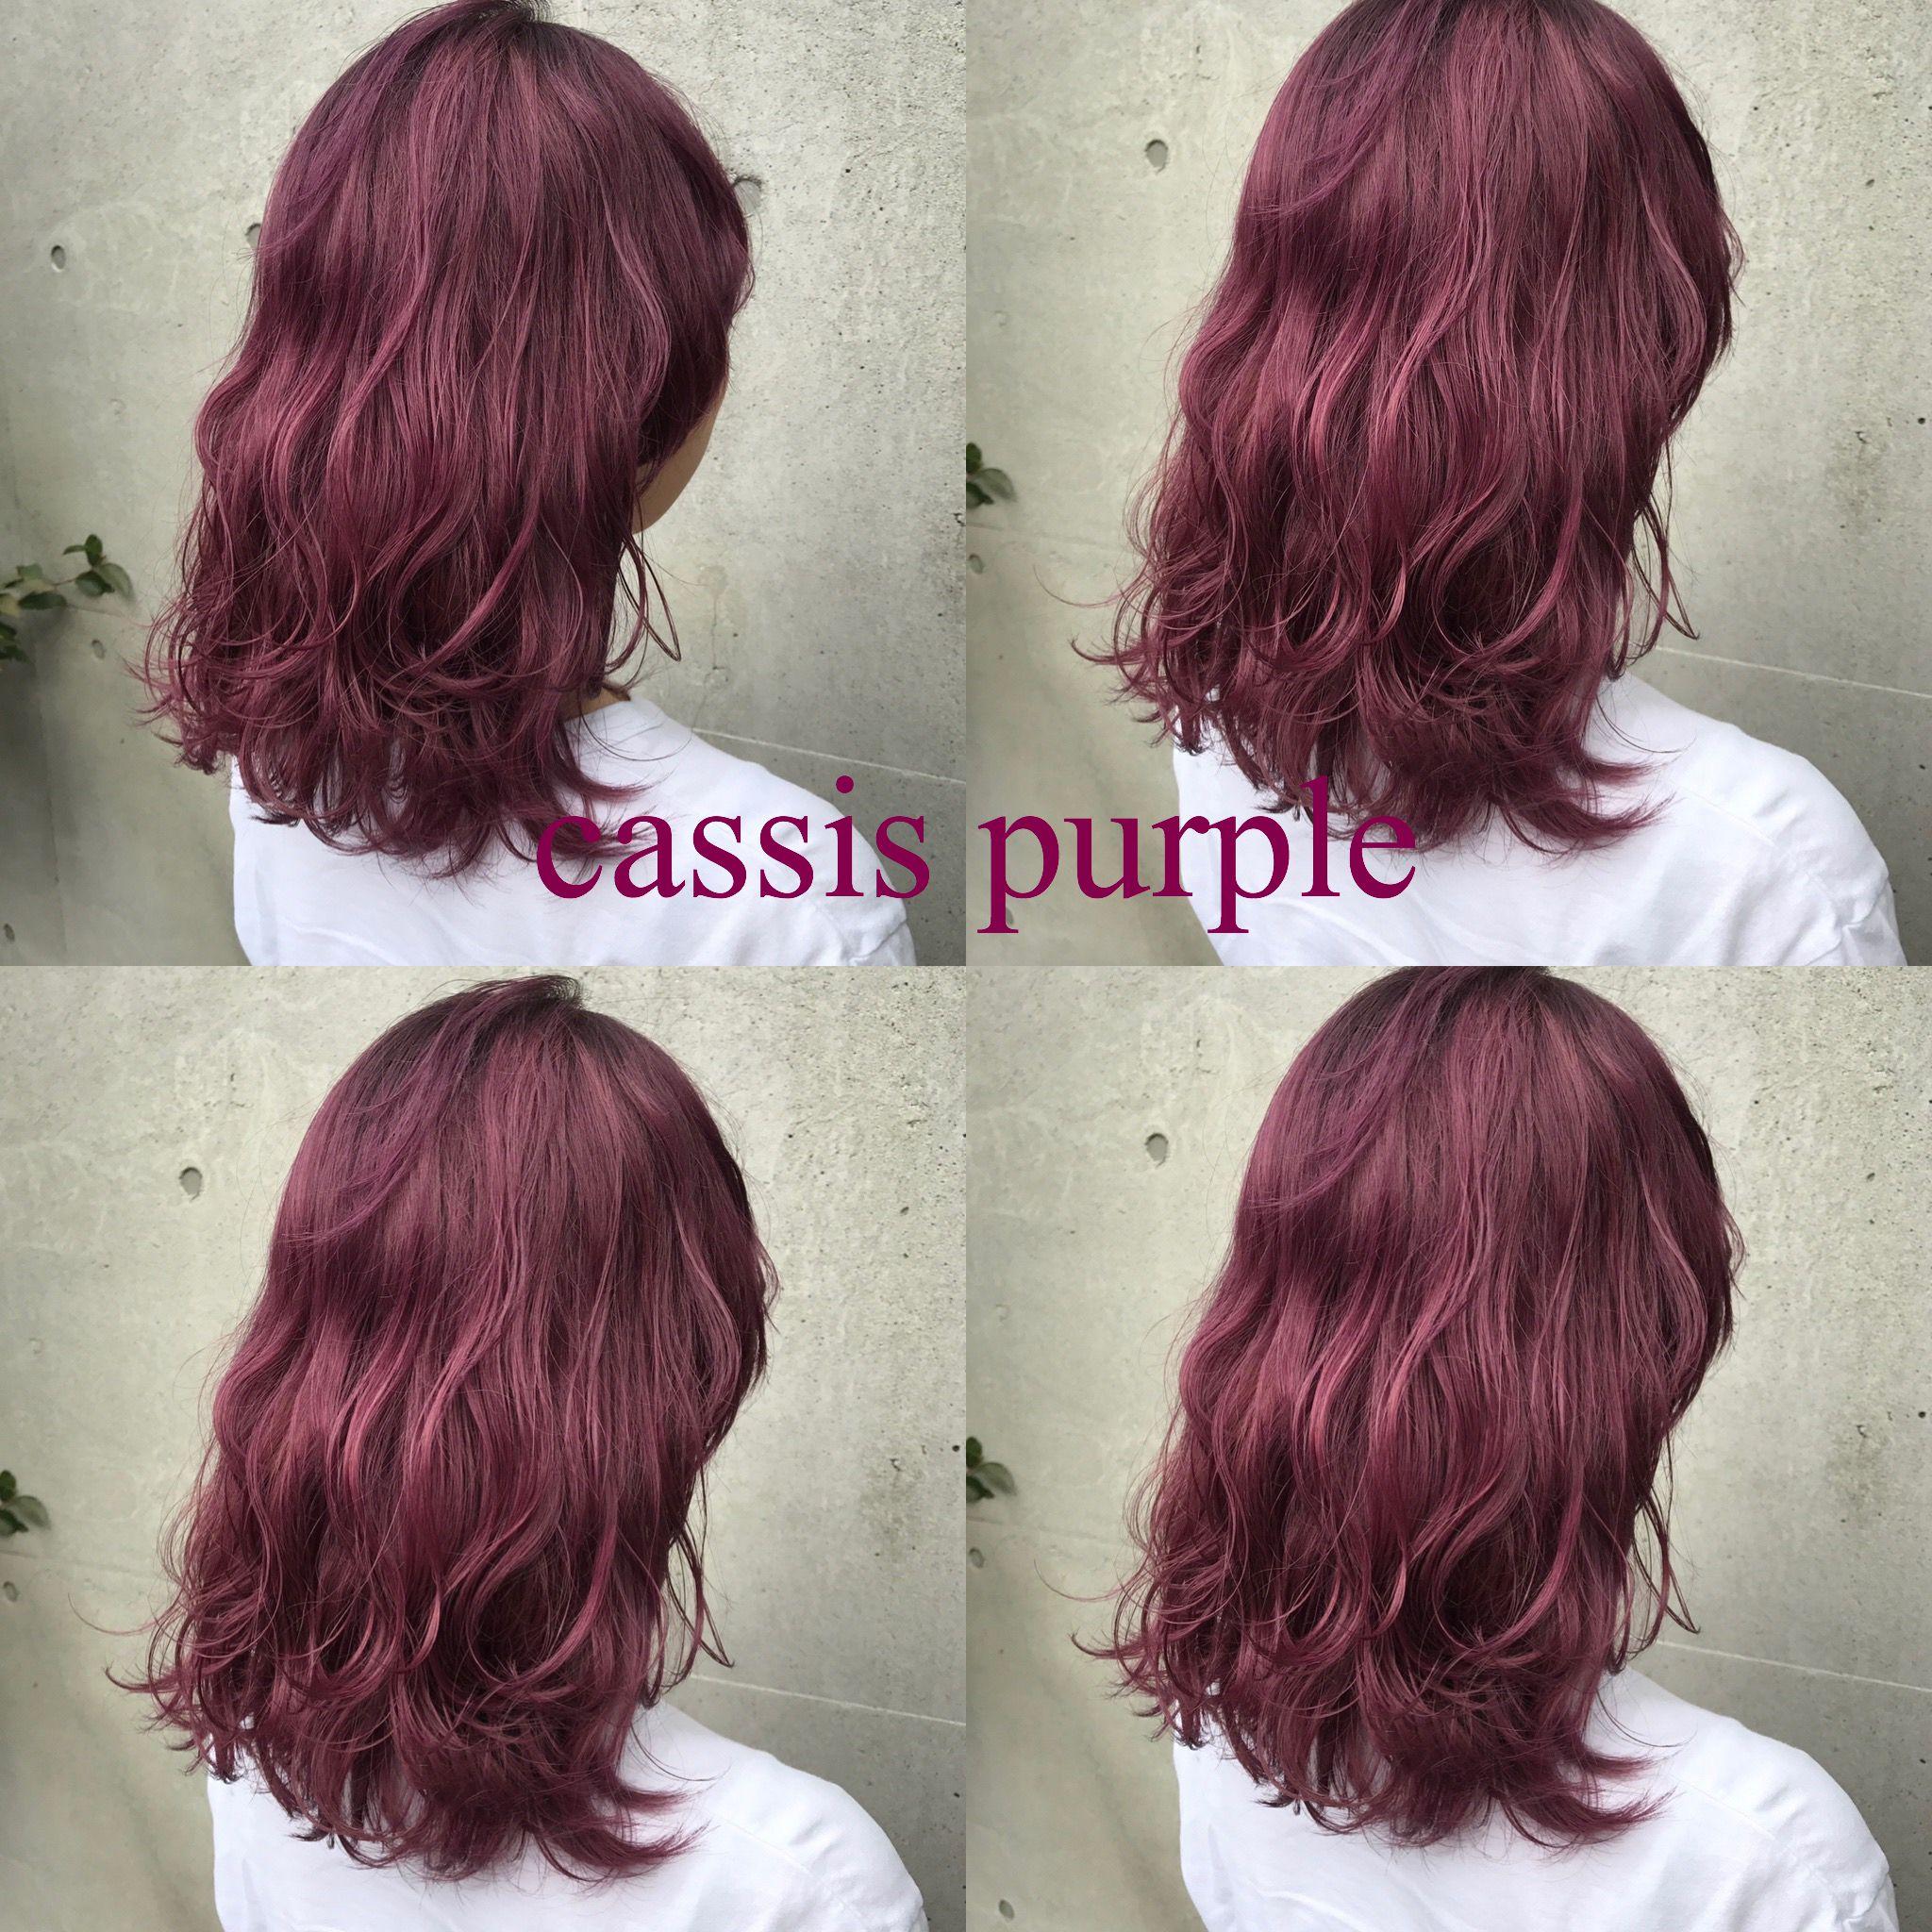 Flowers矢野 Cassis Purple カシスカラー ボルドーカラー ピンク